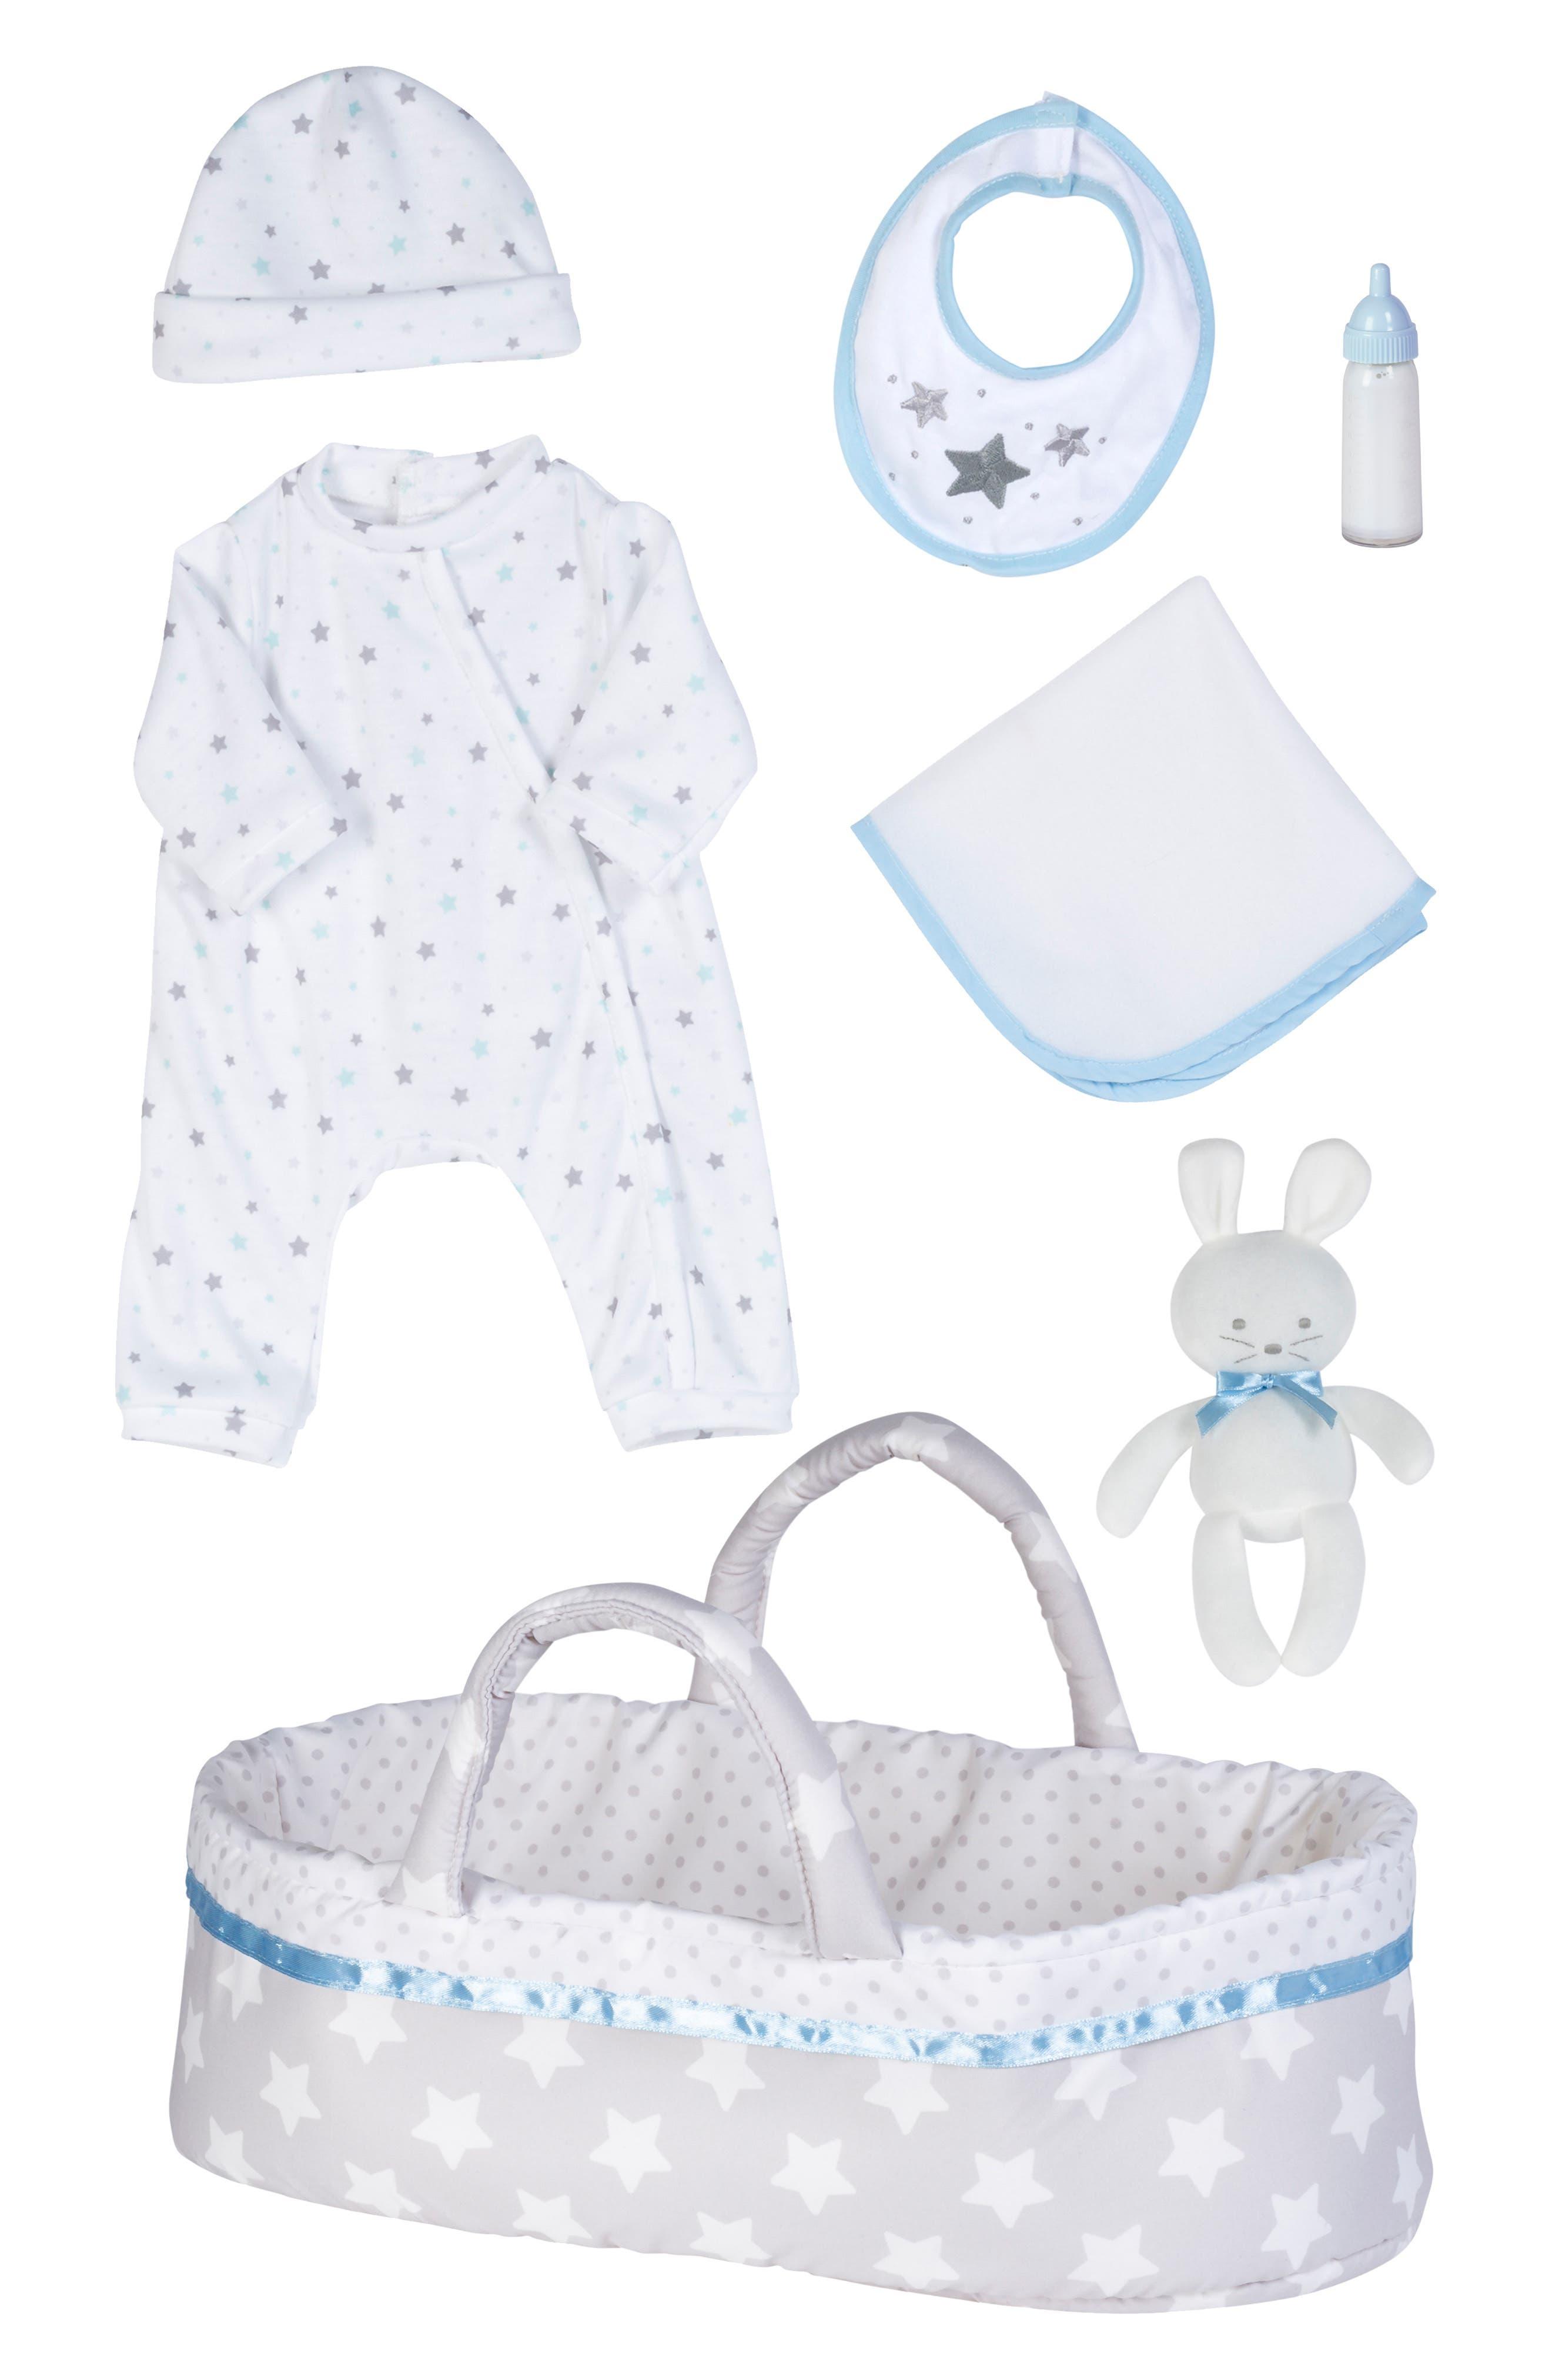 ADORA Adoption 8-Piece Take Me Home Baby Doll Essentials Set, Main, color, WHITE AND BLUE